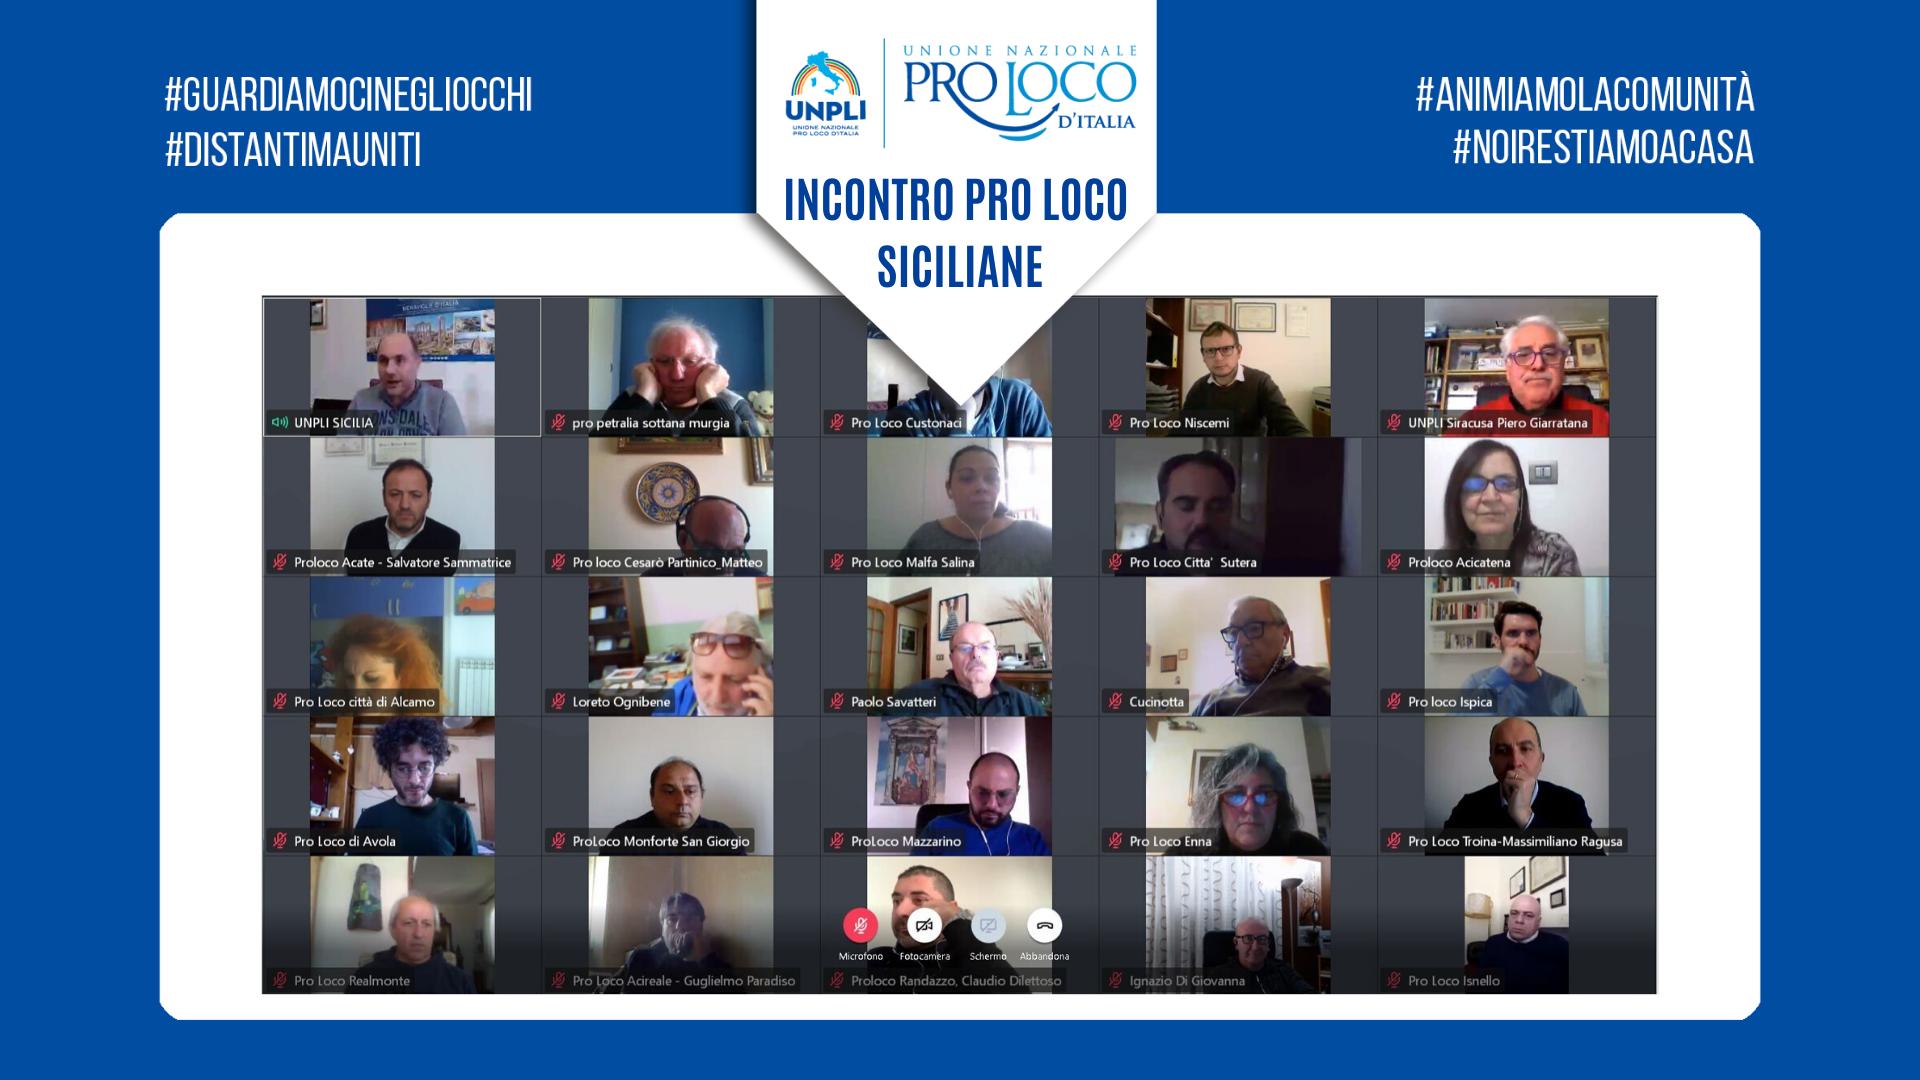 INCONTRO-PRO-LOCO